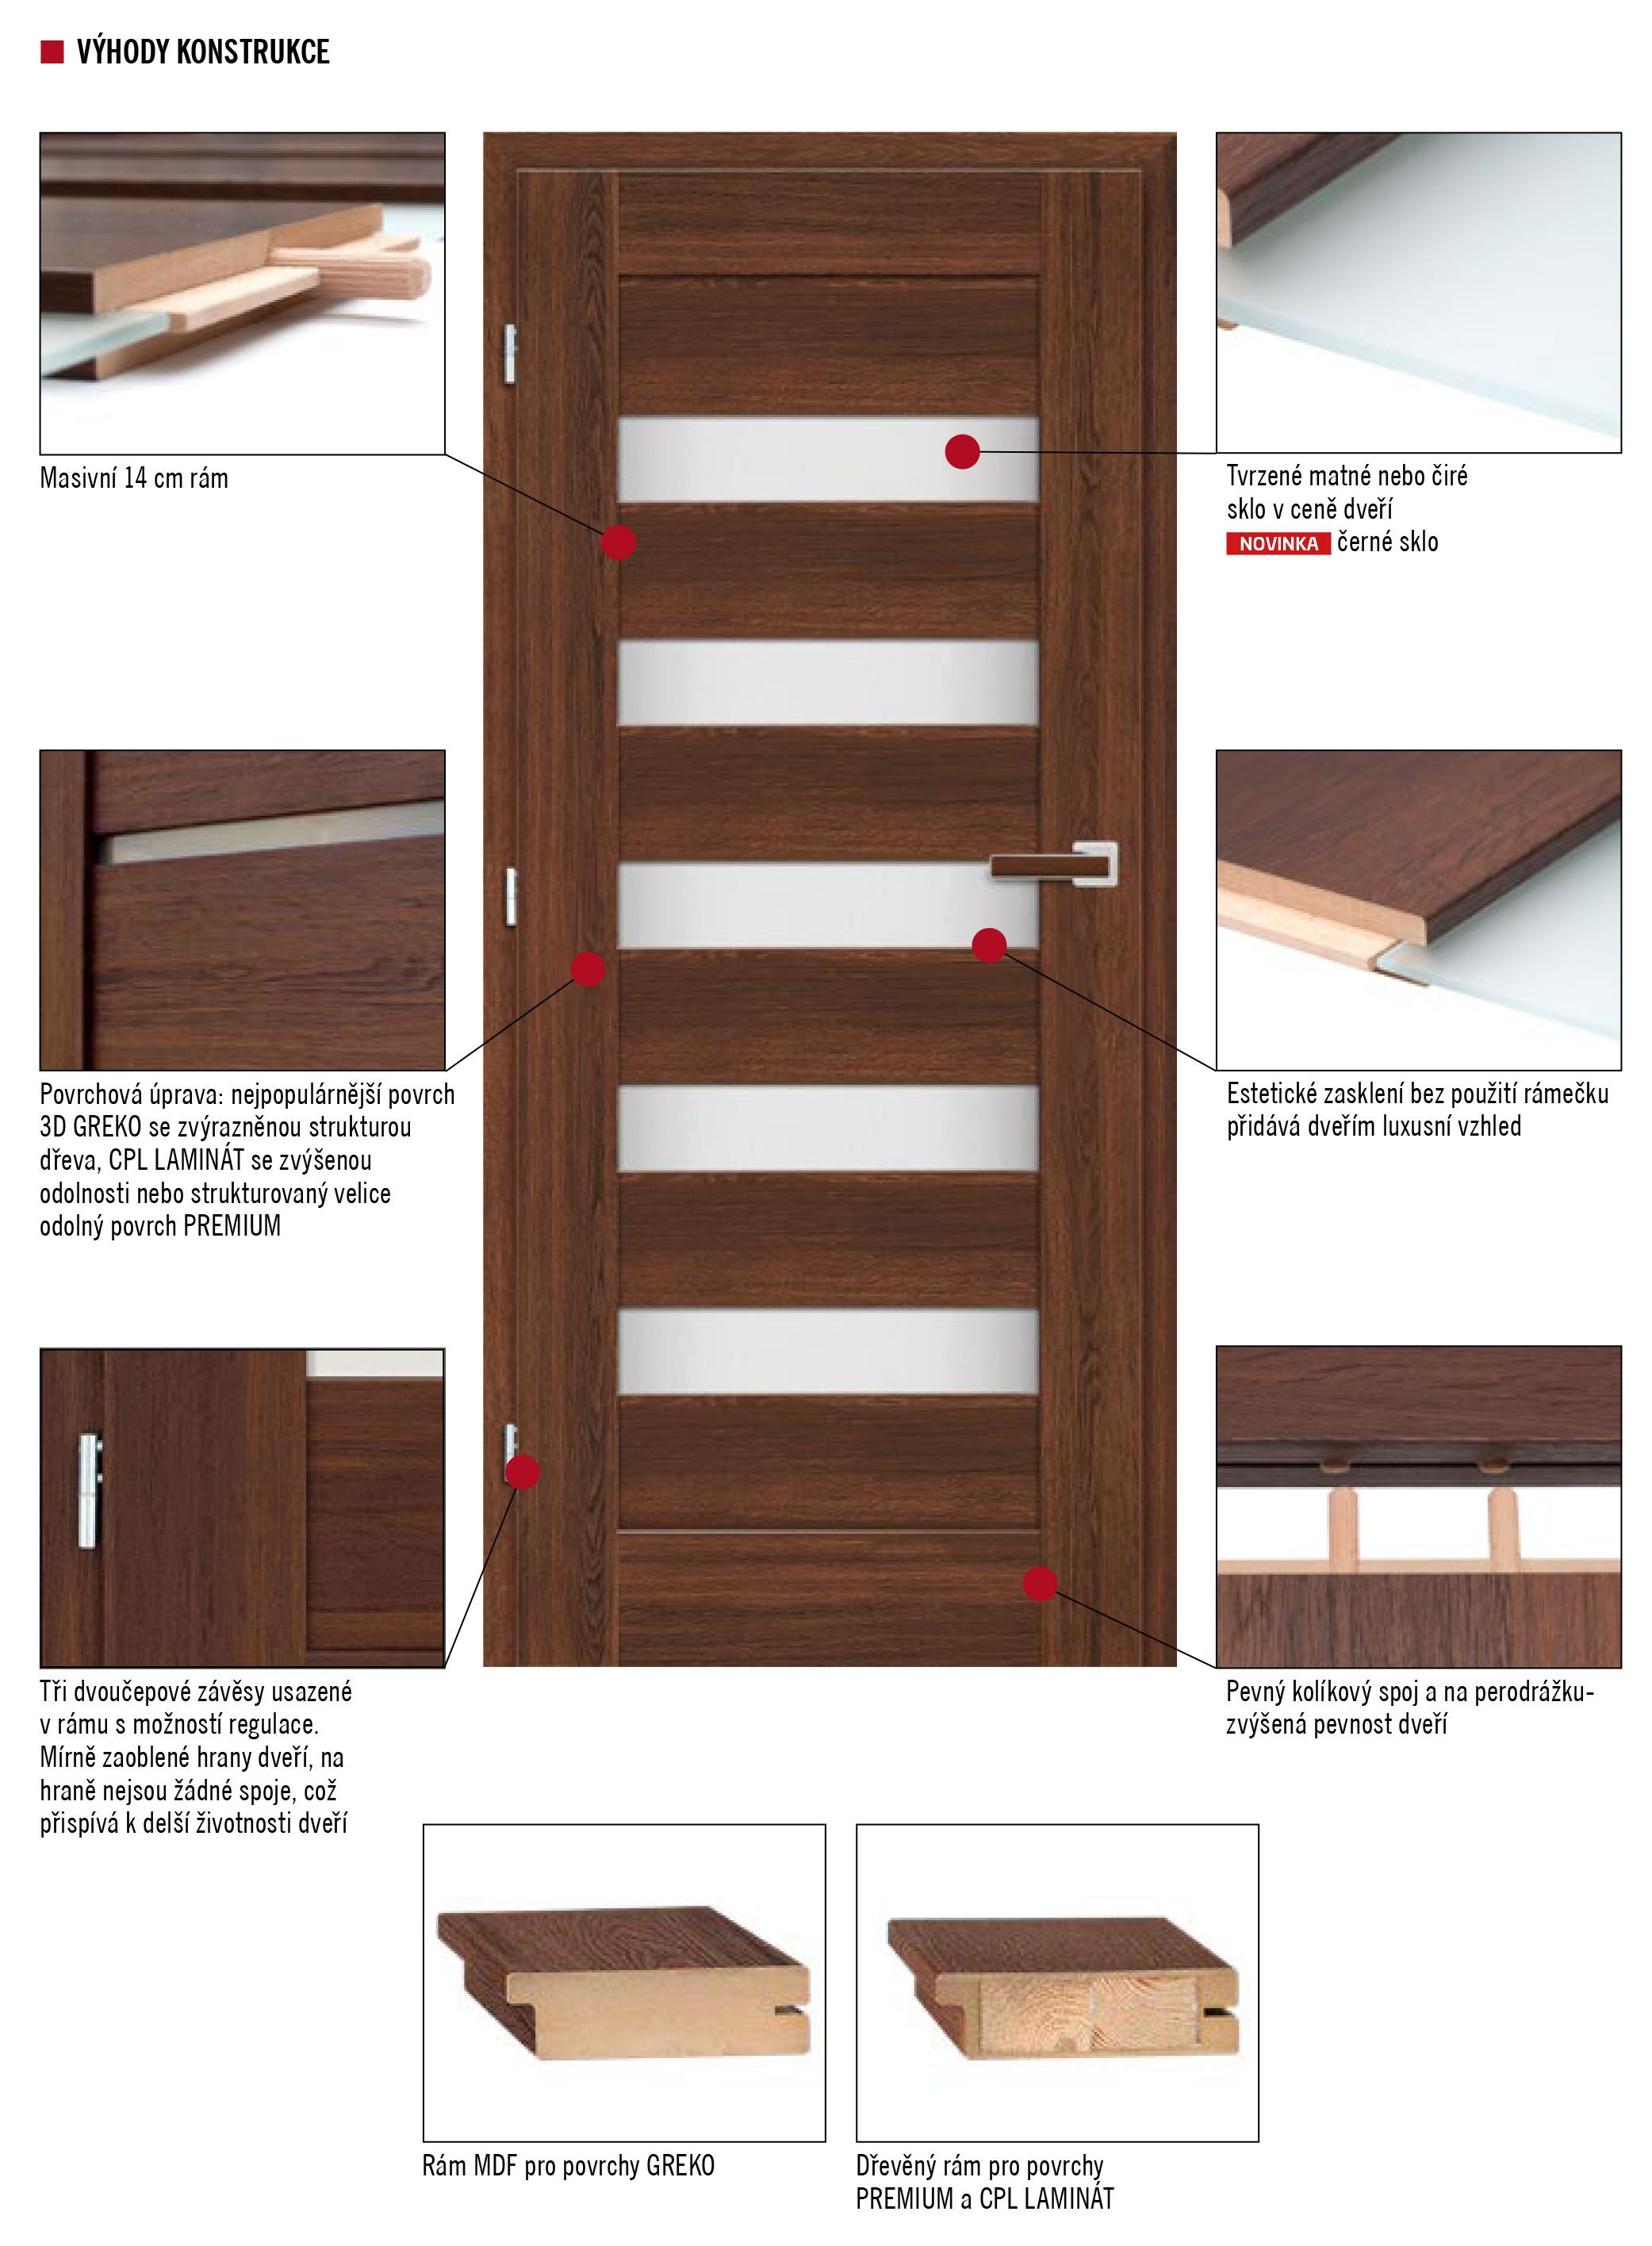 Rámové šoupací dveře do stavebního pouzdra